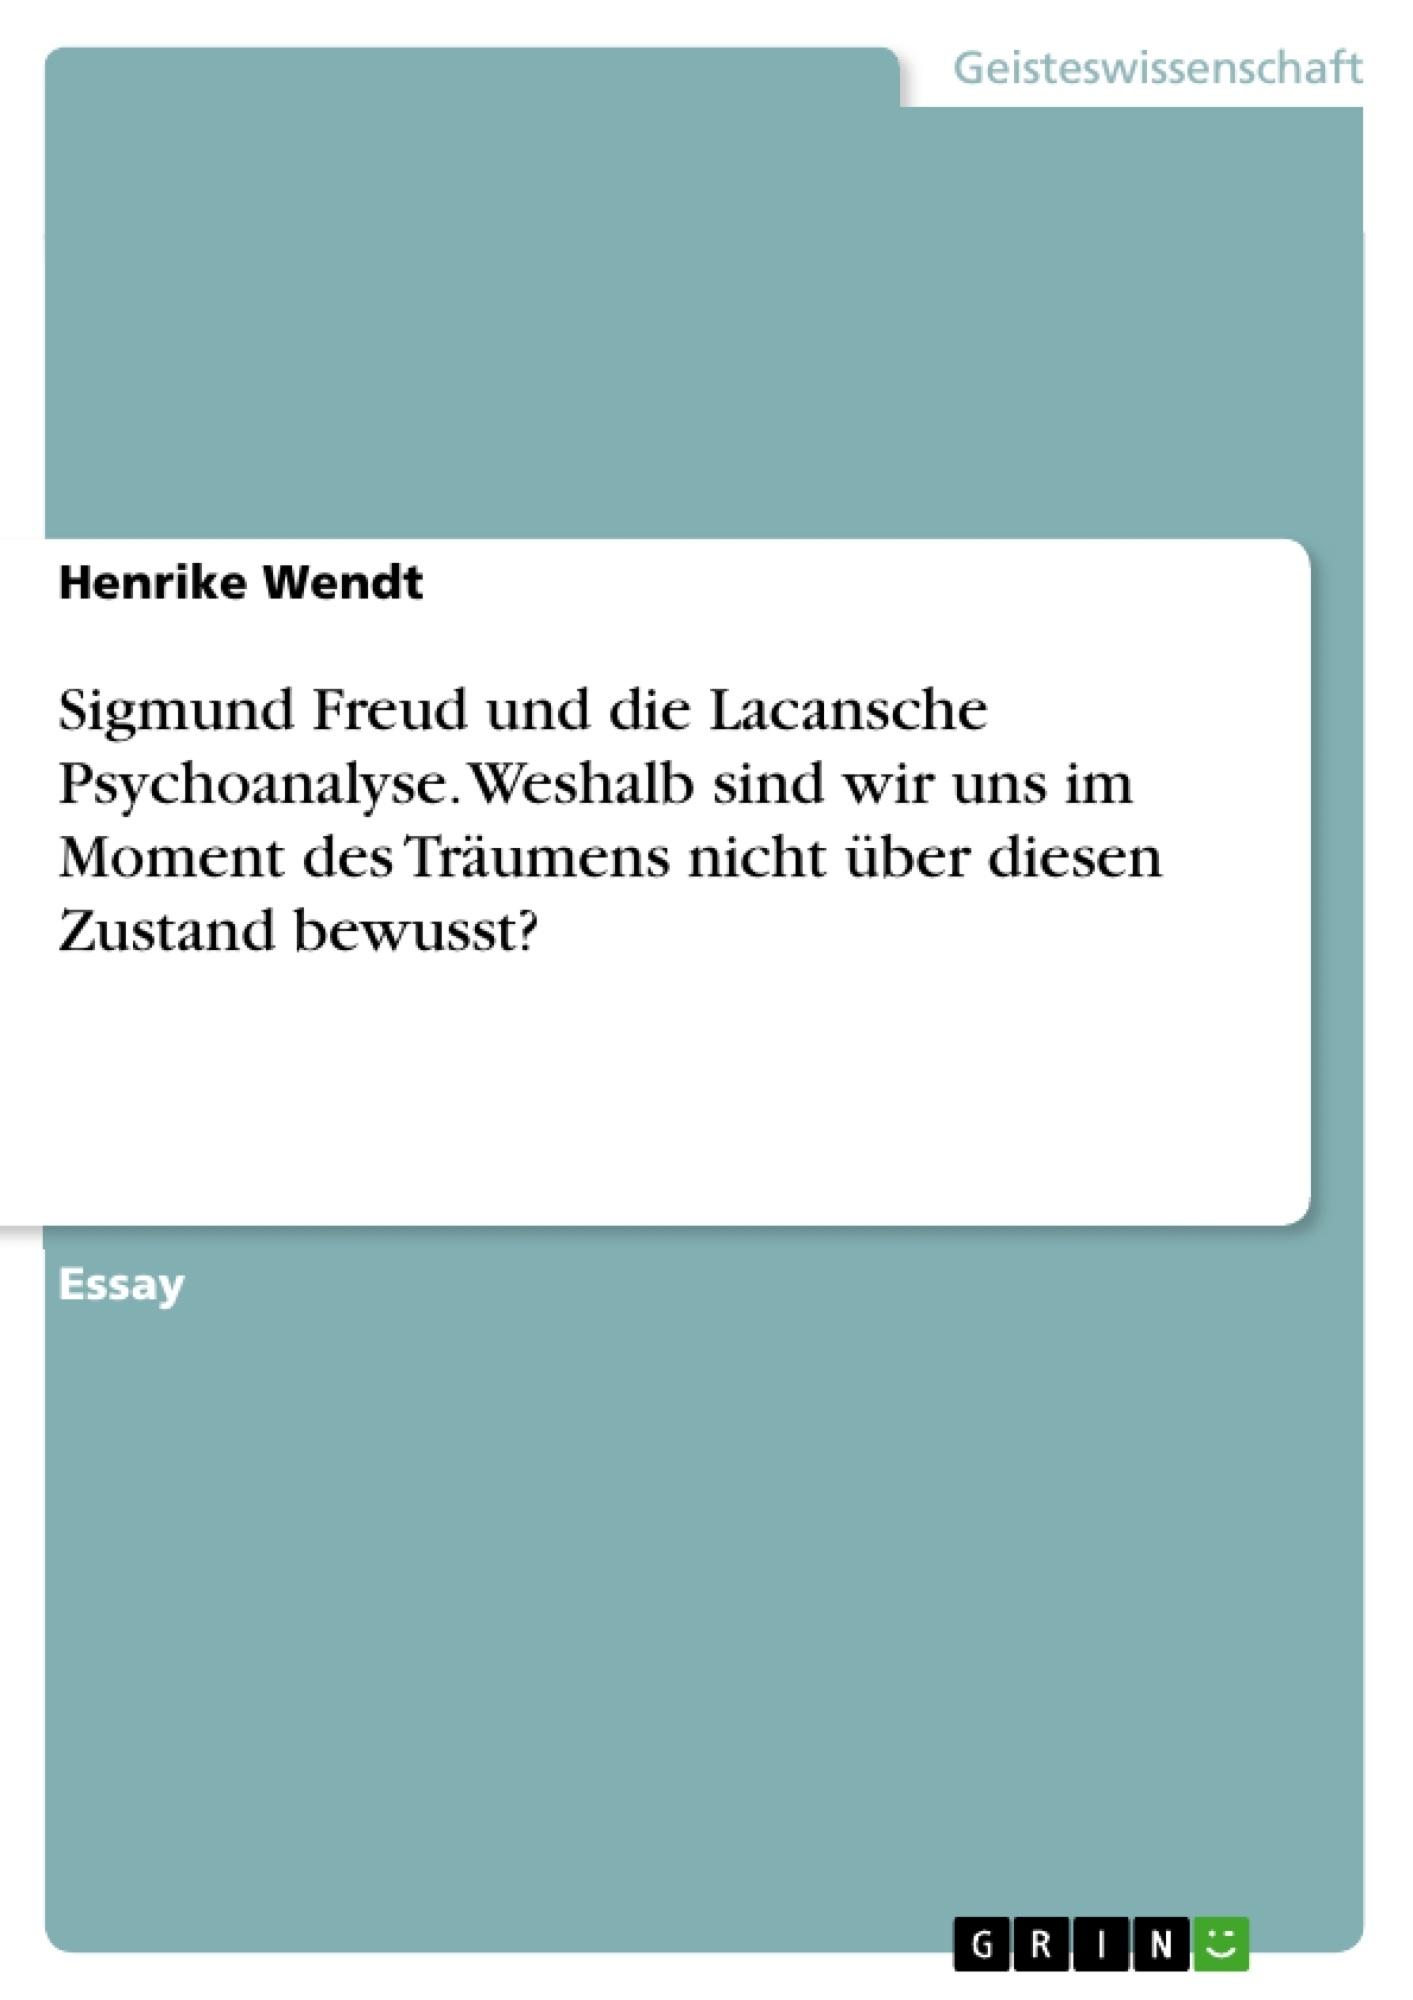 Titel: Sigmund Freud und die Lacansche Psychoanalyse. Weshalb sind wir uns im Moment des Träumens nicht über diesen Zustand bewusst?